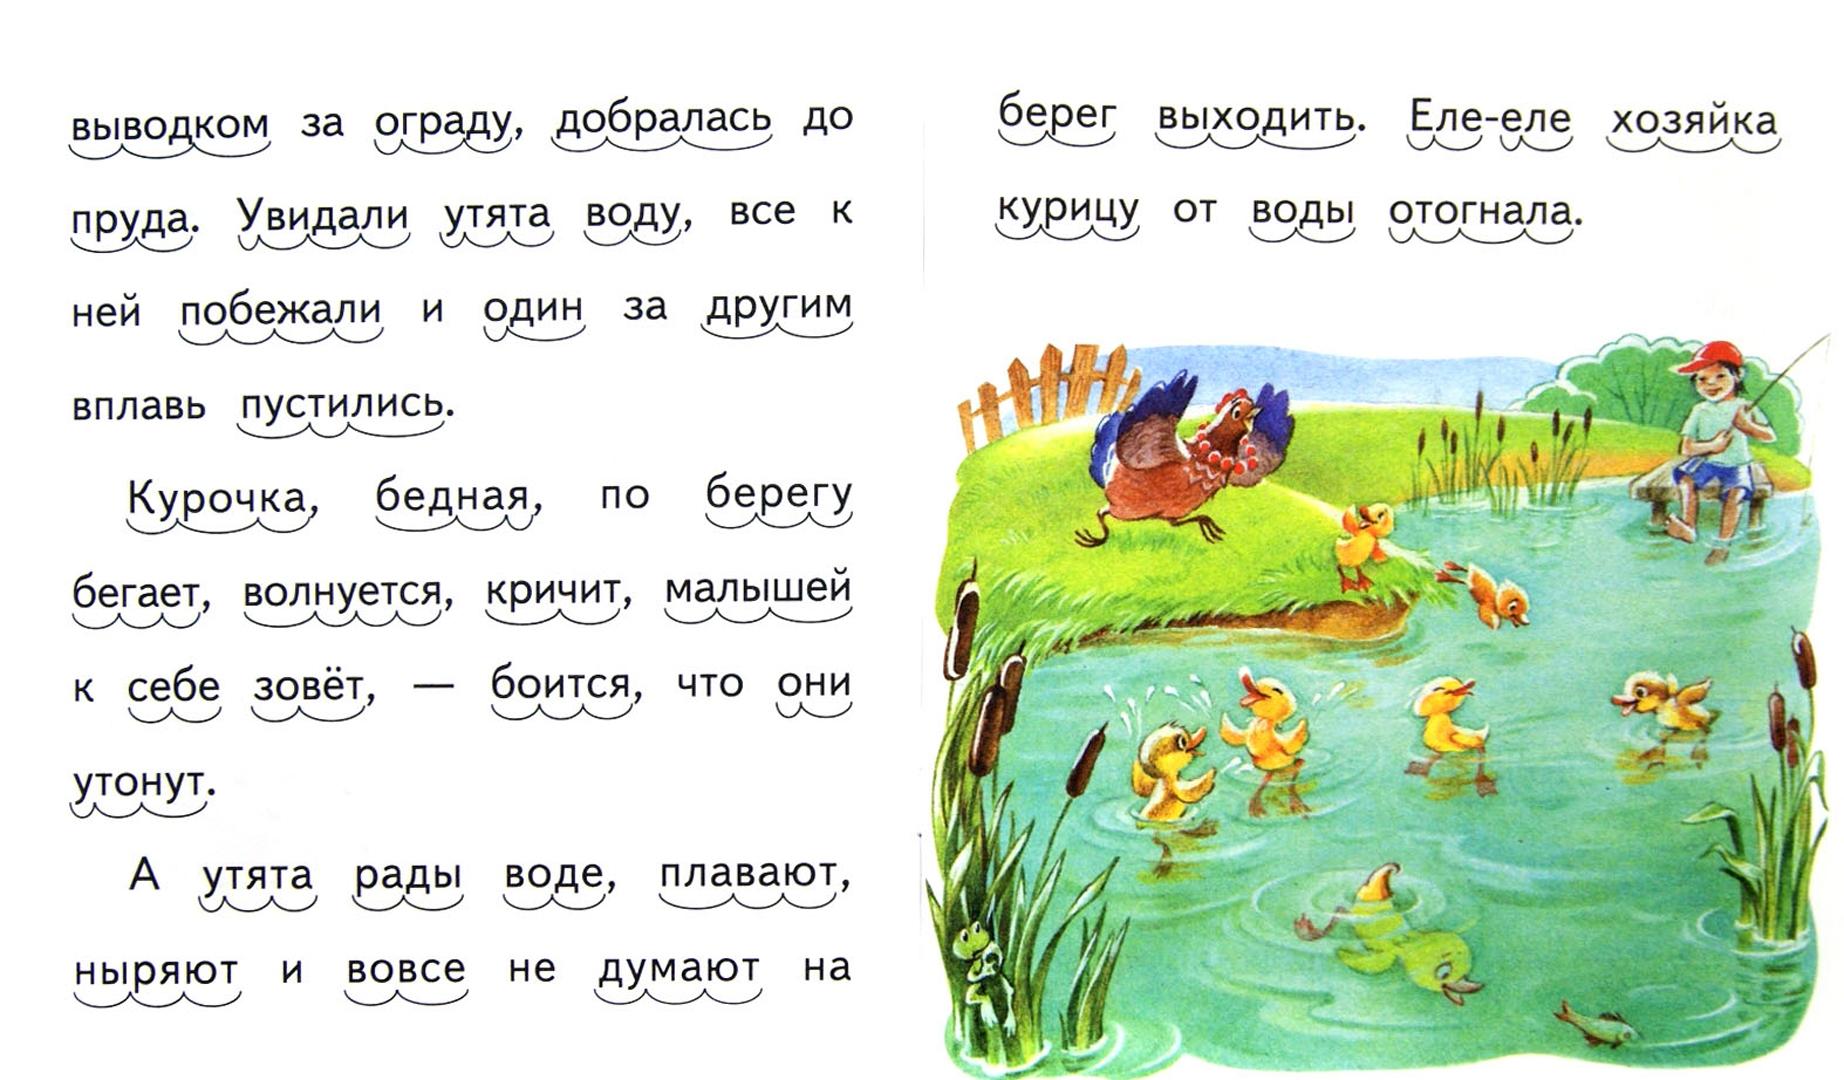 Иллюстрация 1 из 6 для Лиса-Патрикеевна - Константин Ушинский | Лабиринт - книги. Источник: Лабиринт